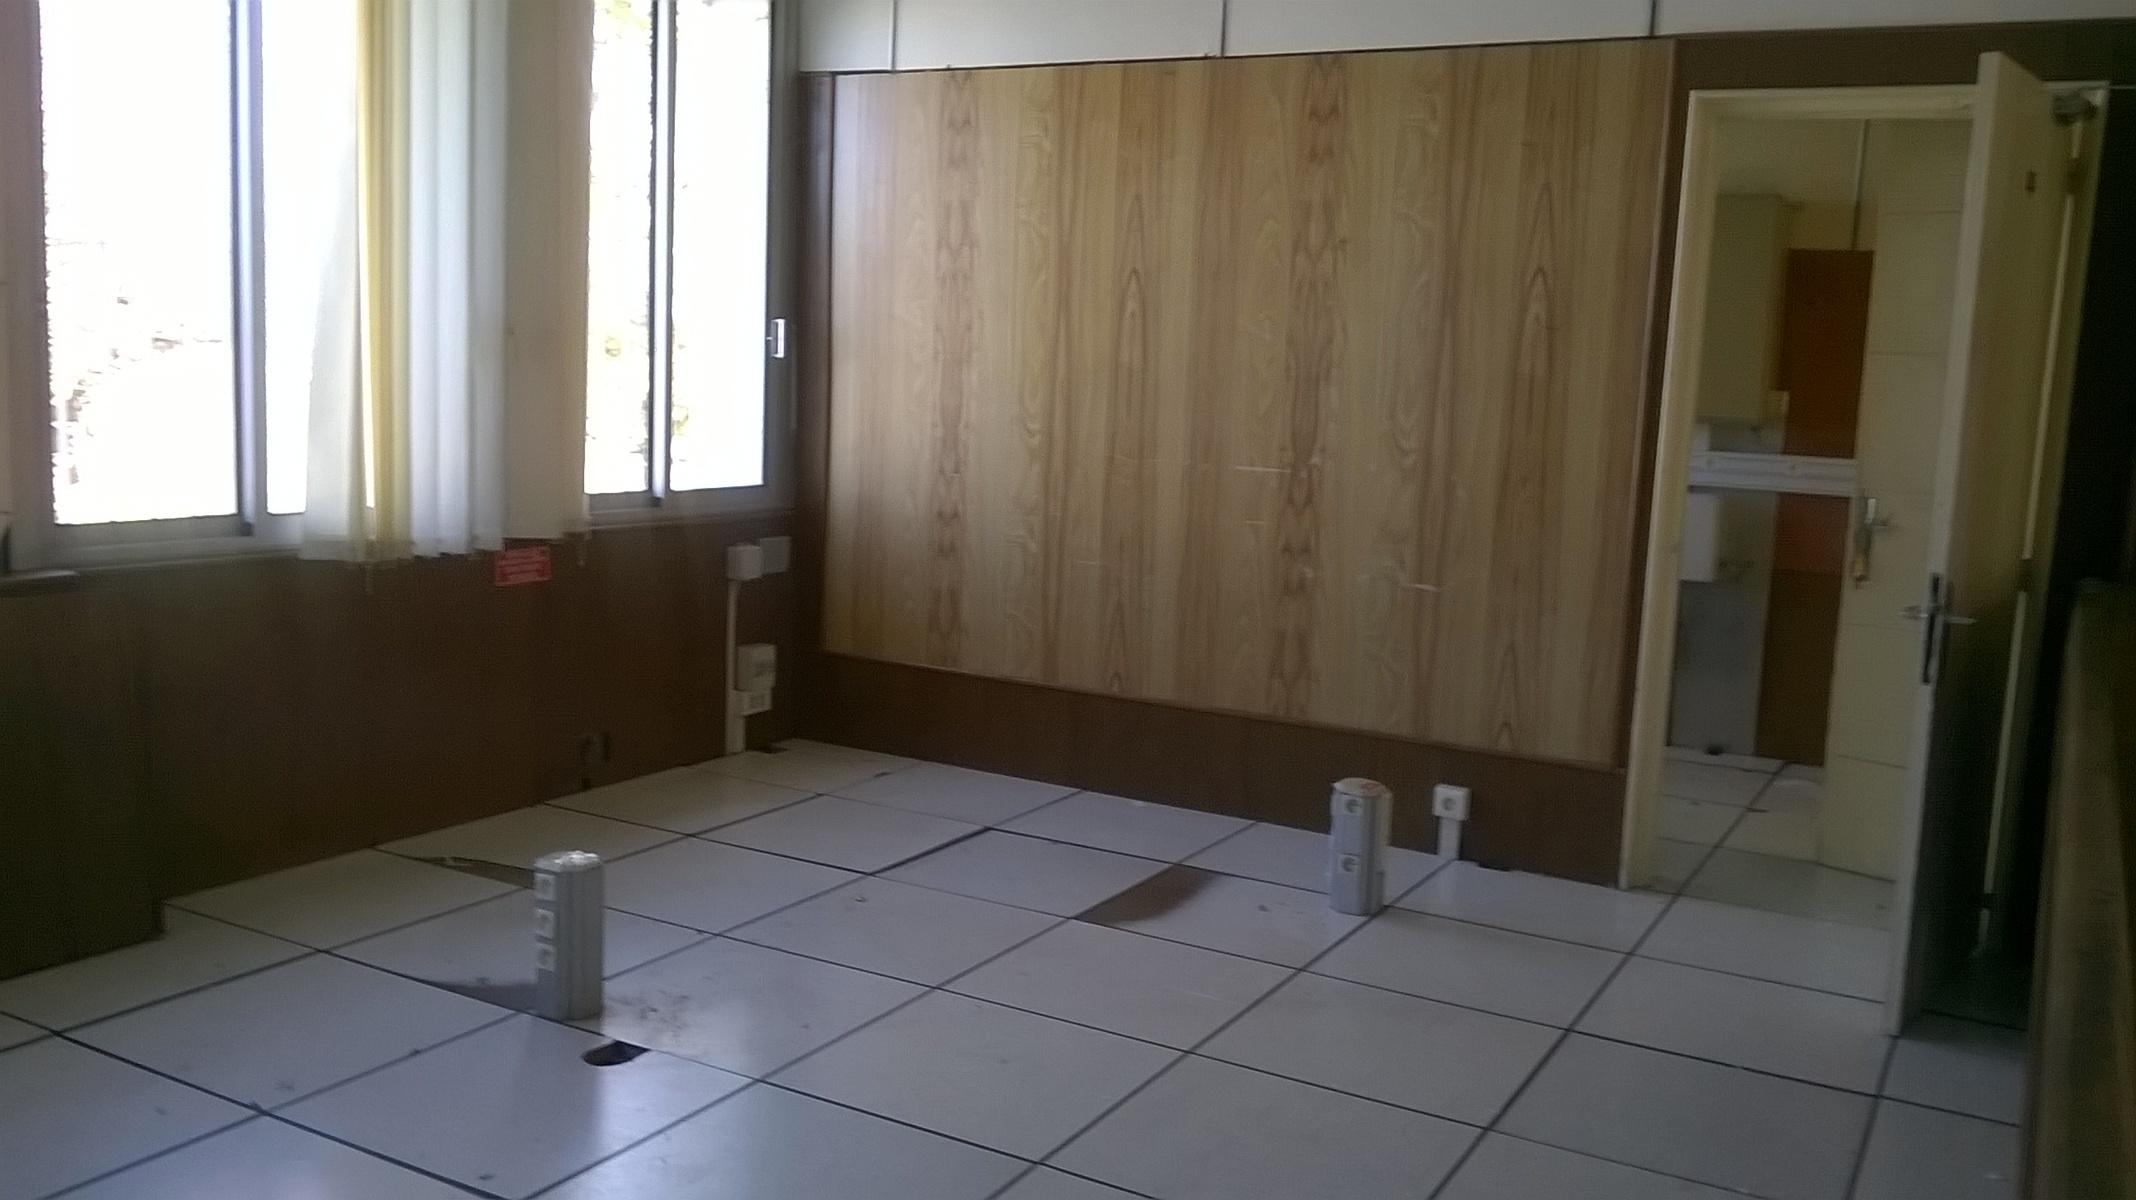 bureau de change nimes comparateur bureau de change 28. Black Bedroom Furniture Sets. Home Design Ideas